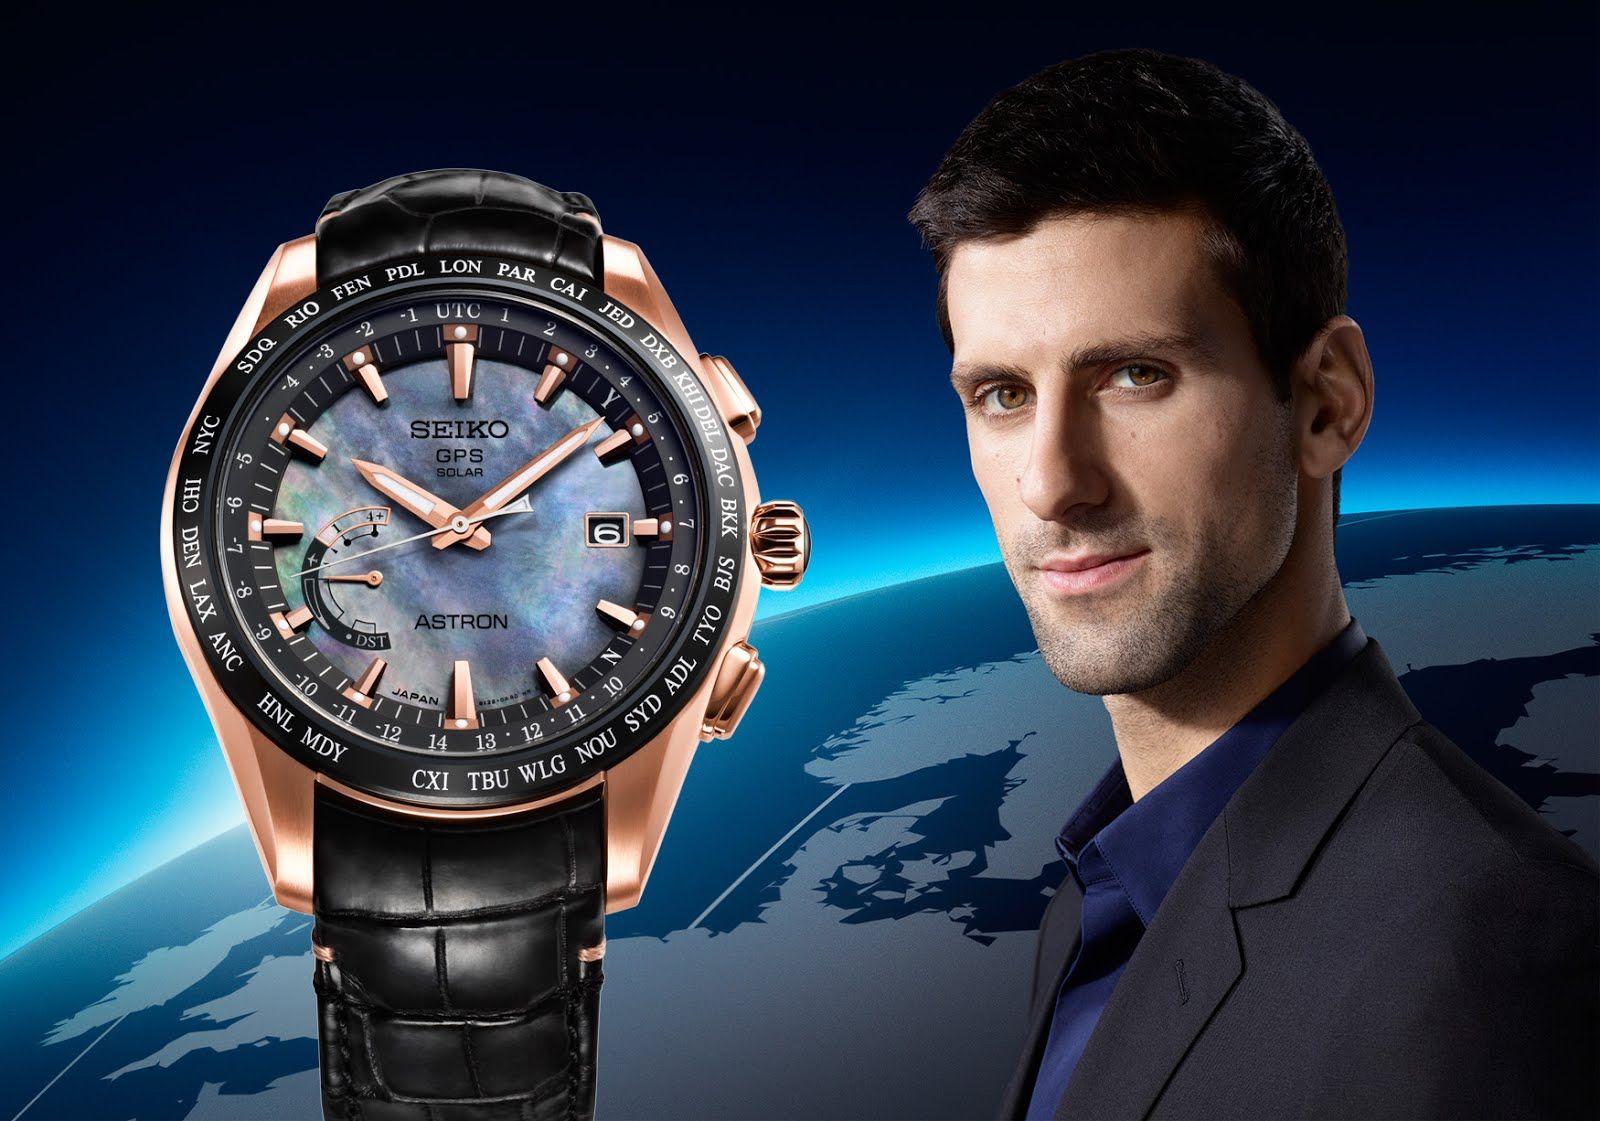 Seiko Astron GPS Solar World-Time Edición limitada Novak Djokovic debajo del reloj